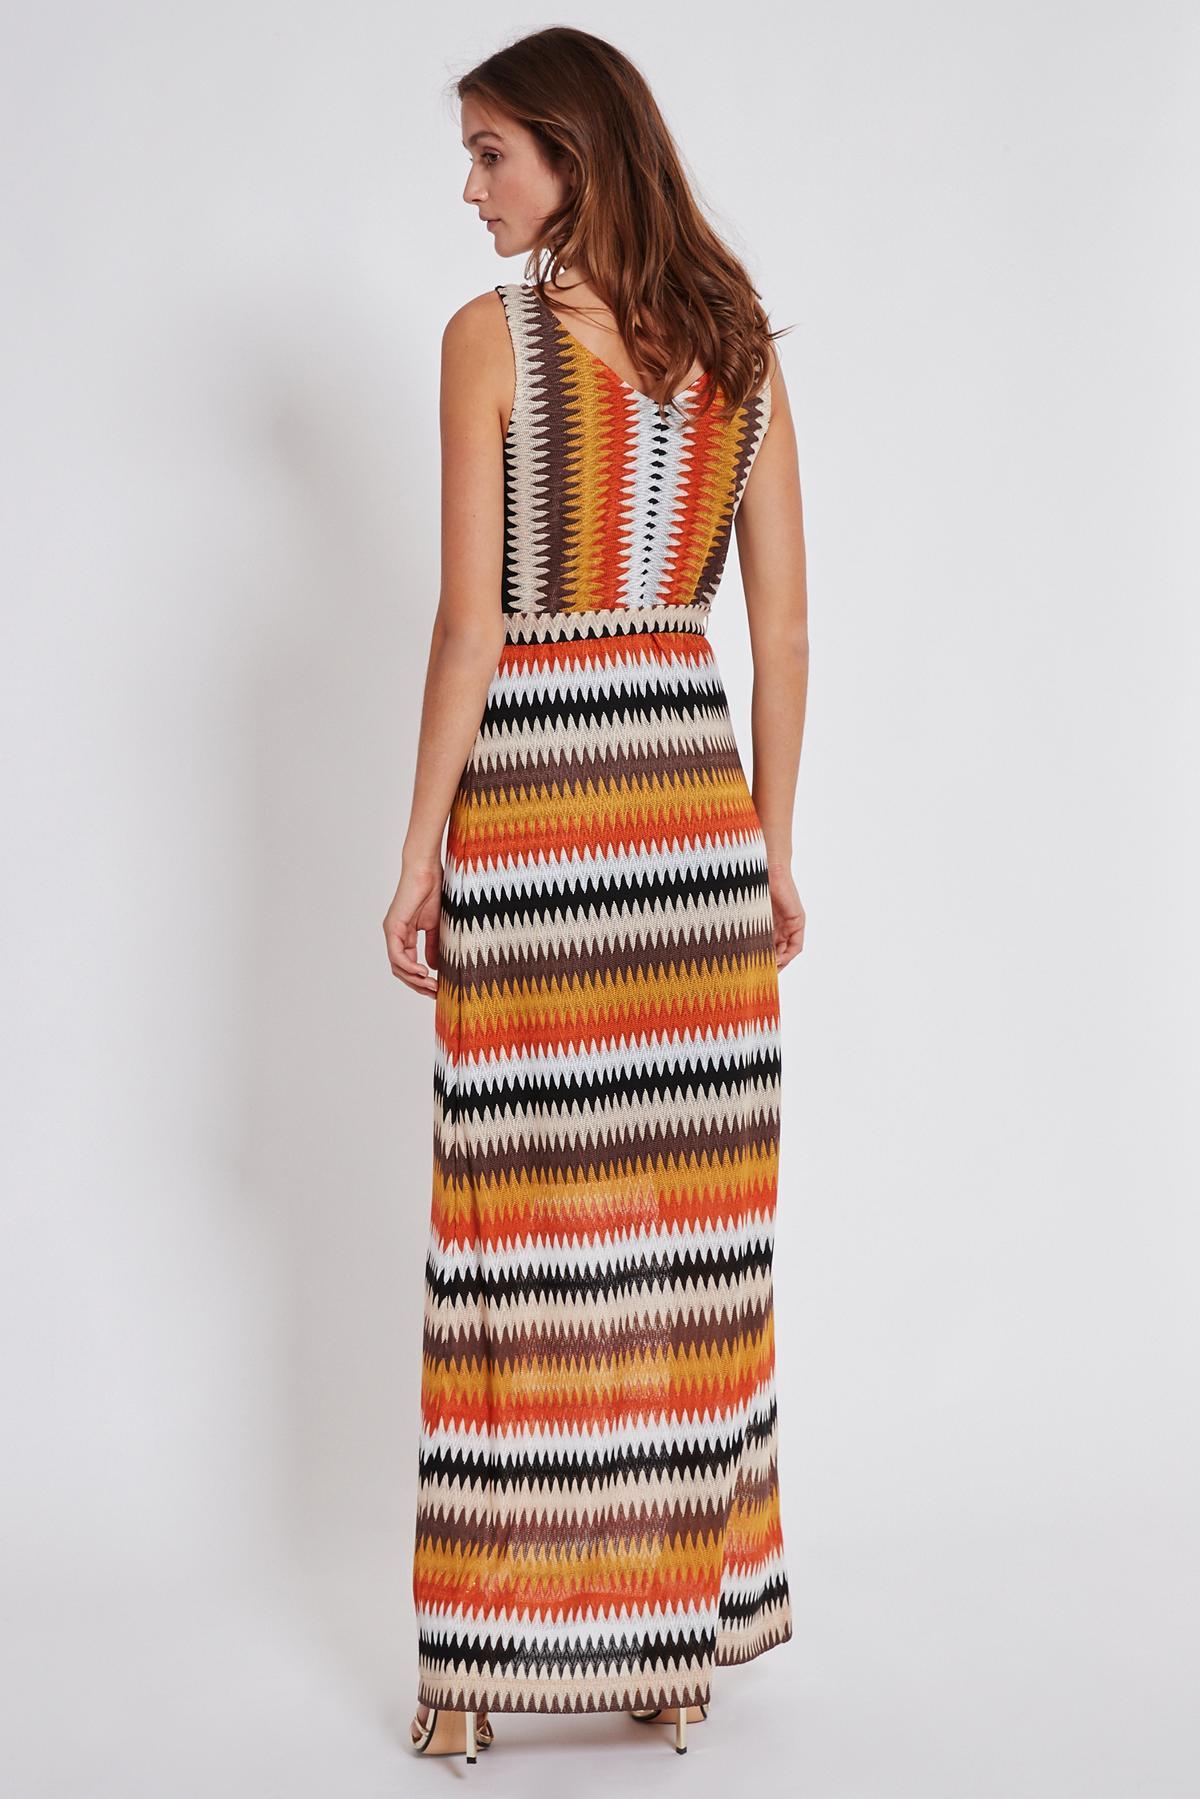 Rückansicht von Ana Alcazar Maxi Kleid Turyse  angezogen an Model